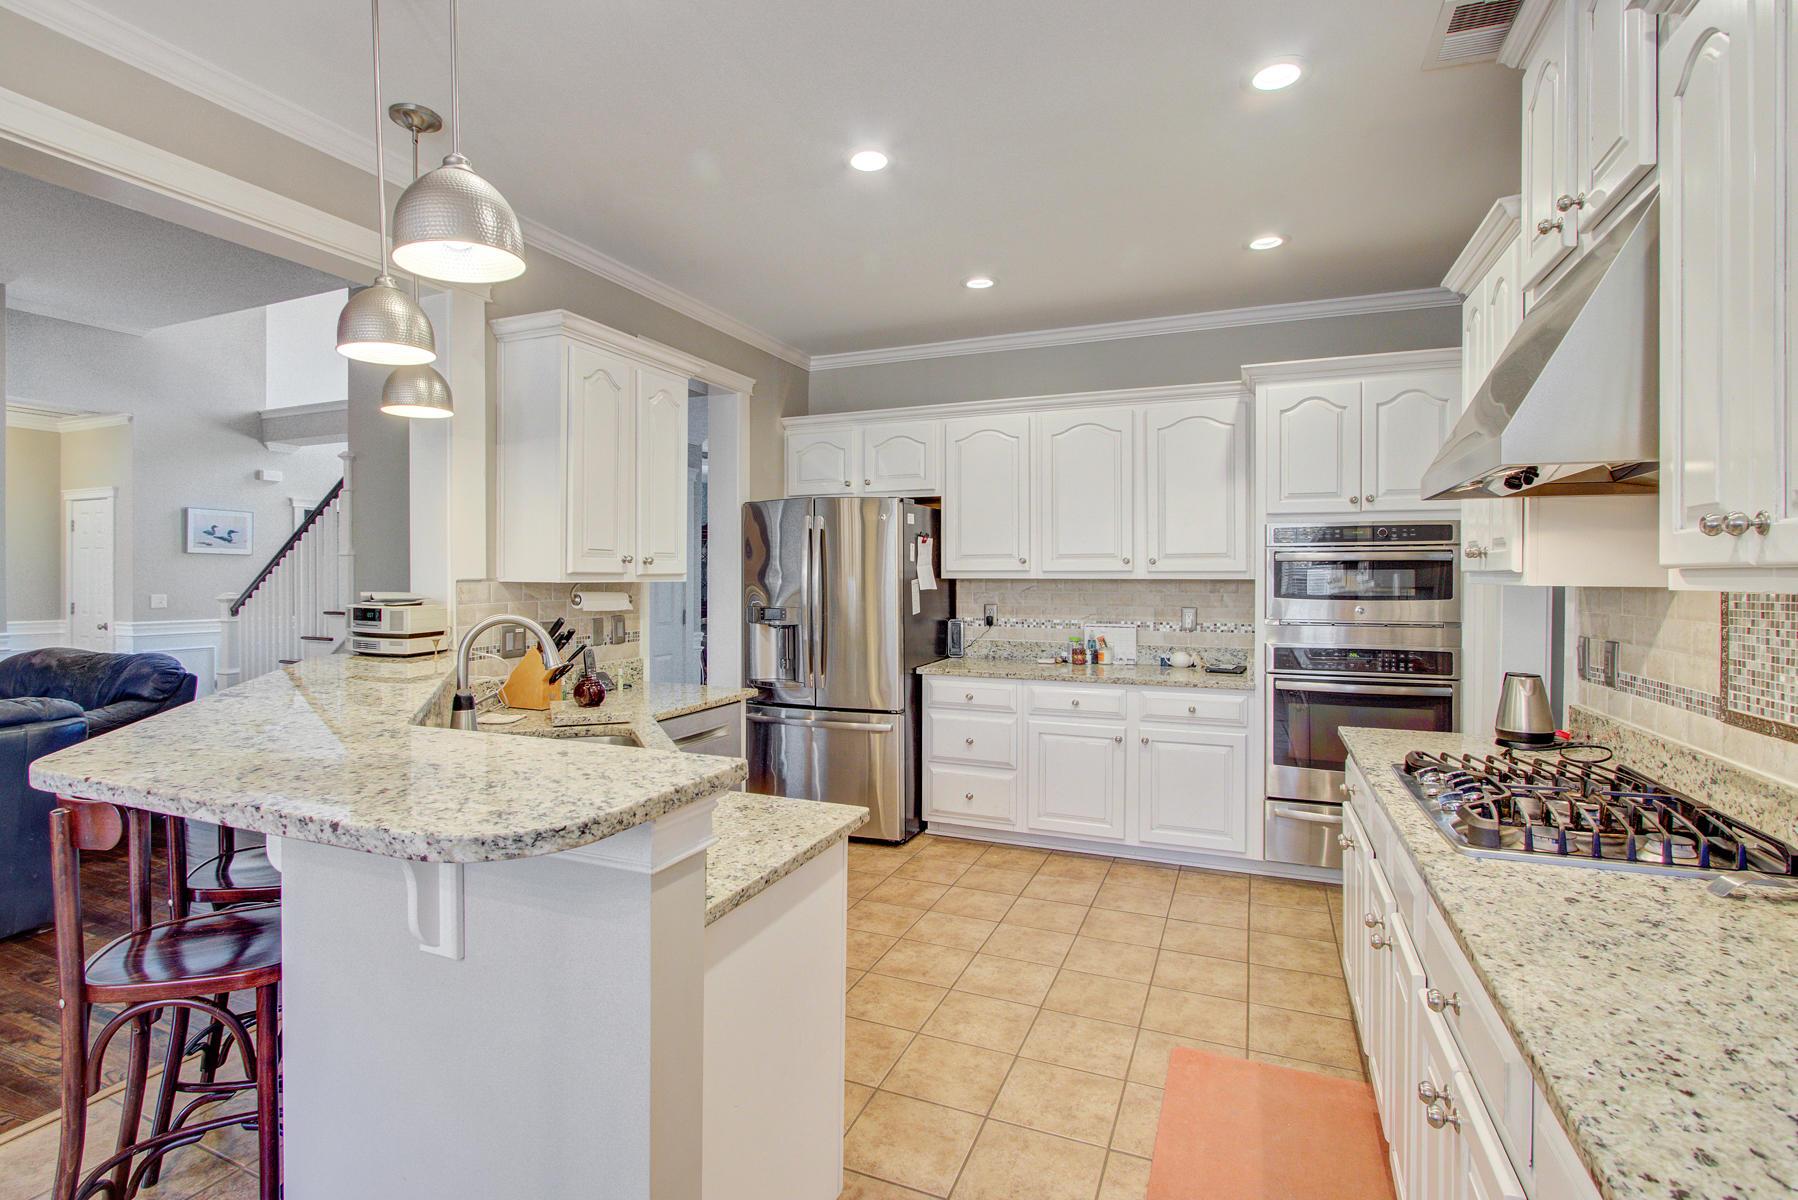 Dunes West Homes For Sale - 2104 Short Grass, Mount Pleasant, SC - 31